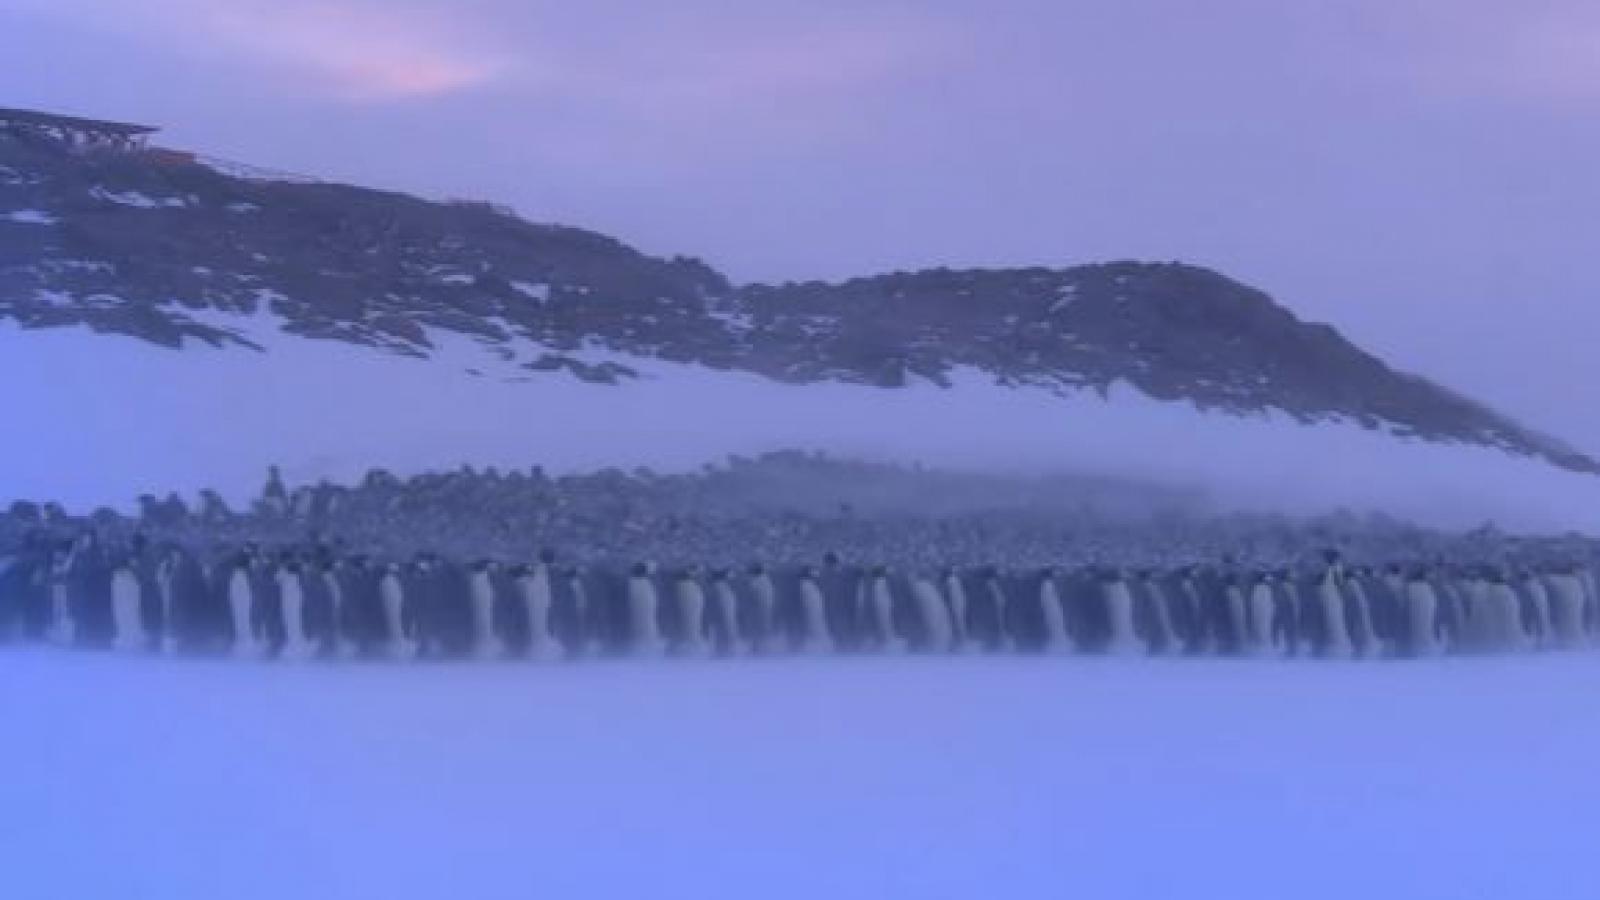 Độc đáo cách tránh rét của chim cánh cụt hoàng đế nơi vùng cực